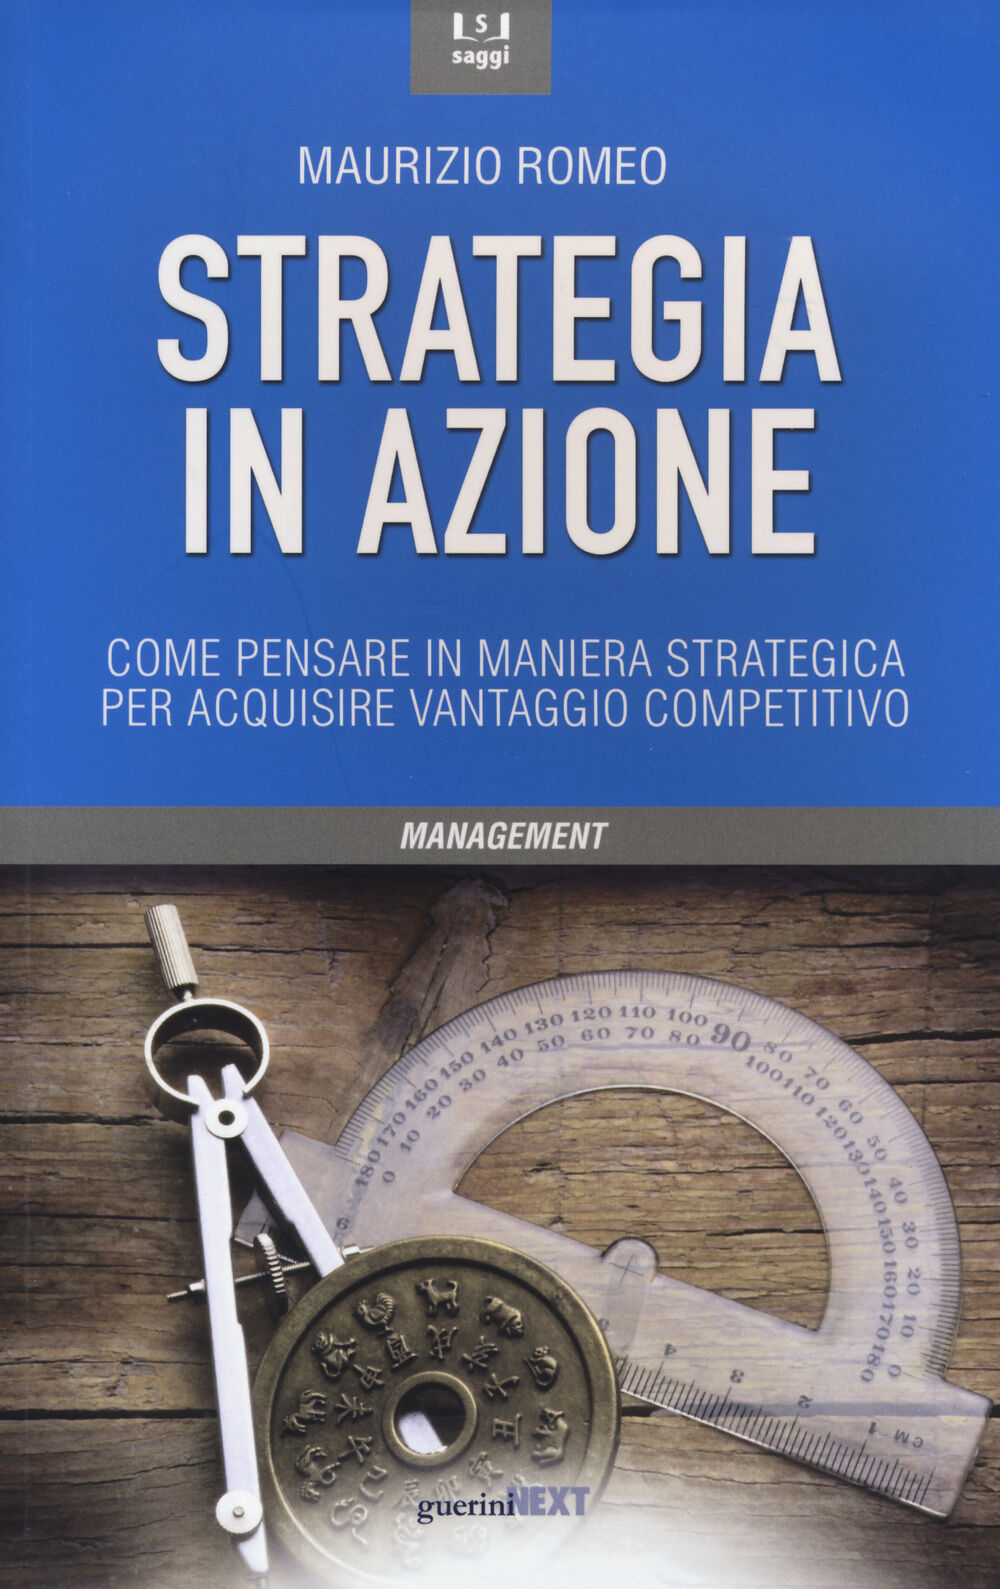 Strategia in azione. Come pensare in maniera strategica per acquisire vantaggio competitivo